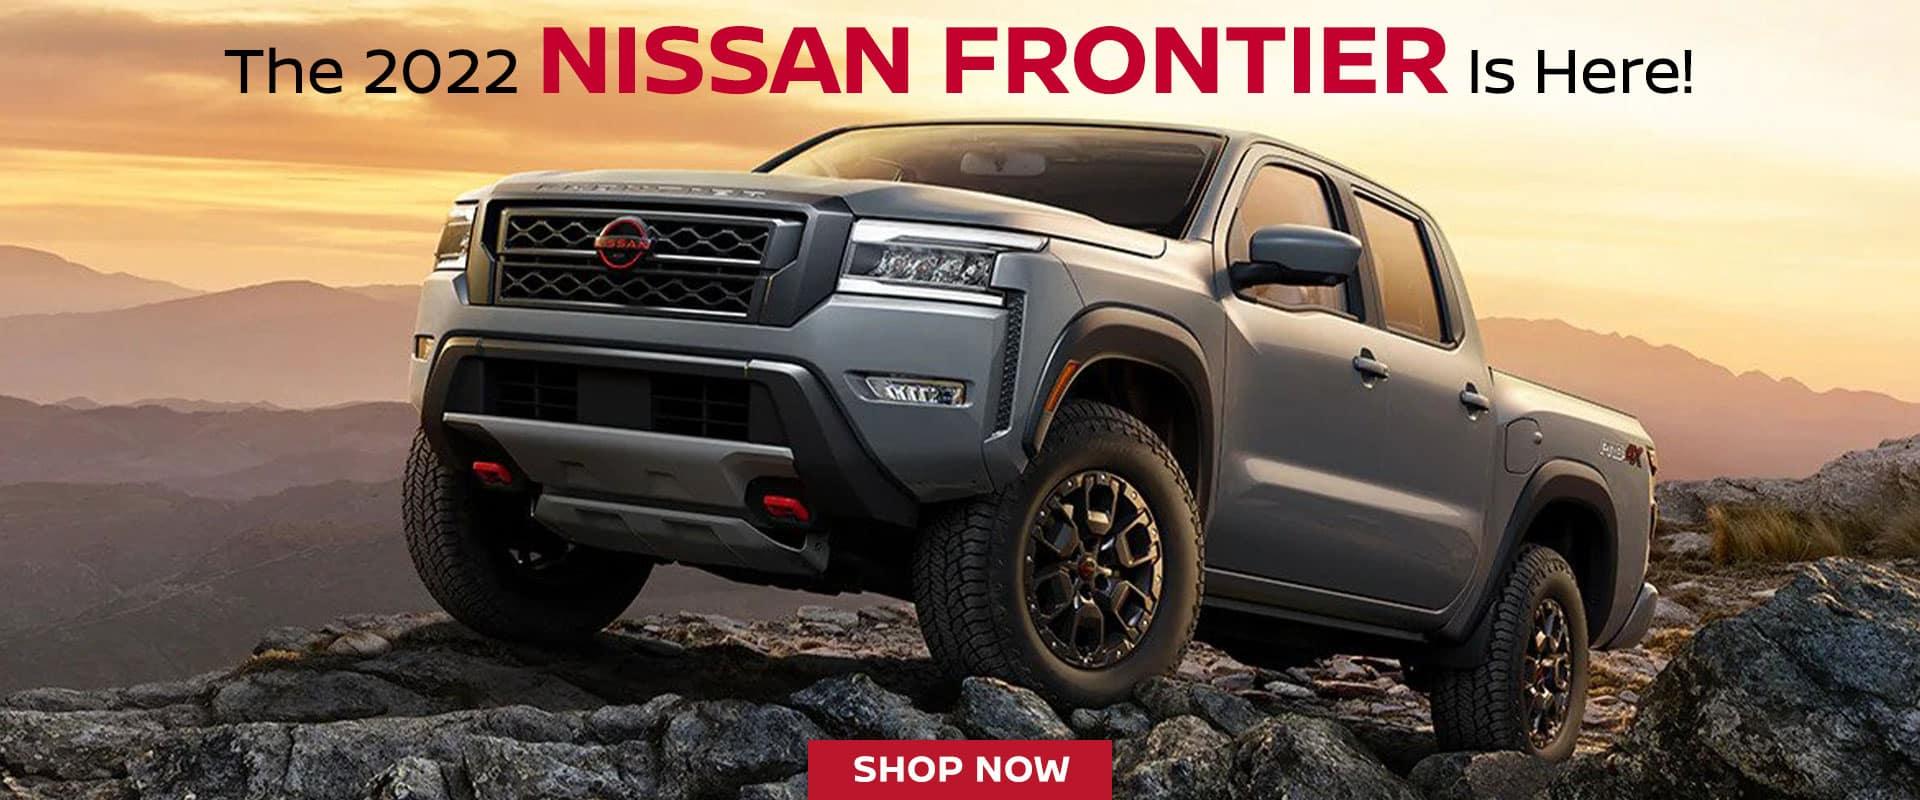 2022 Nissan Frontier in Stock